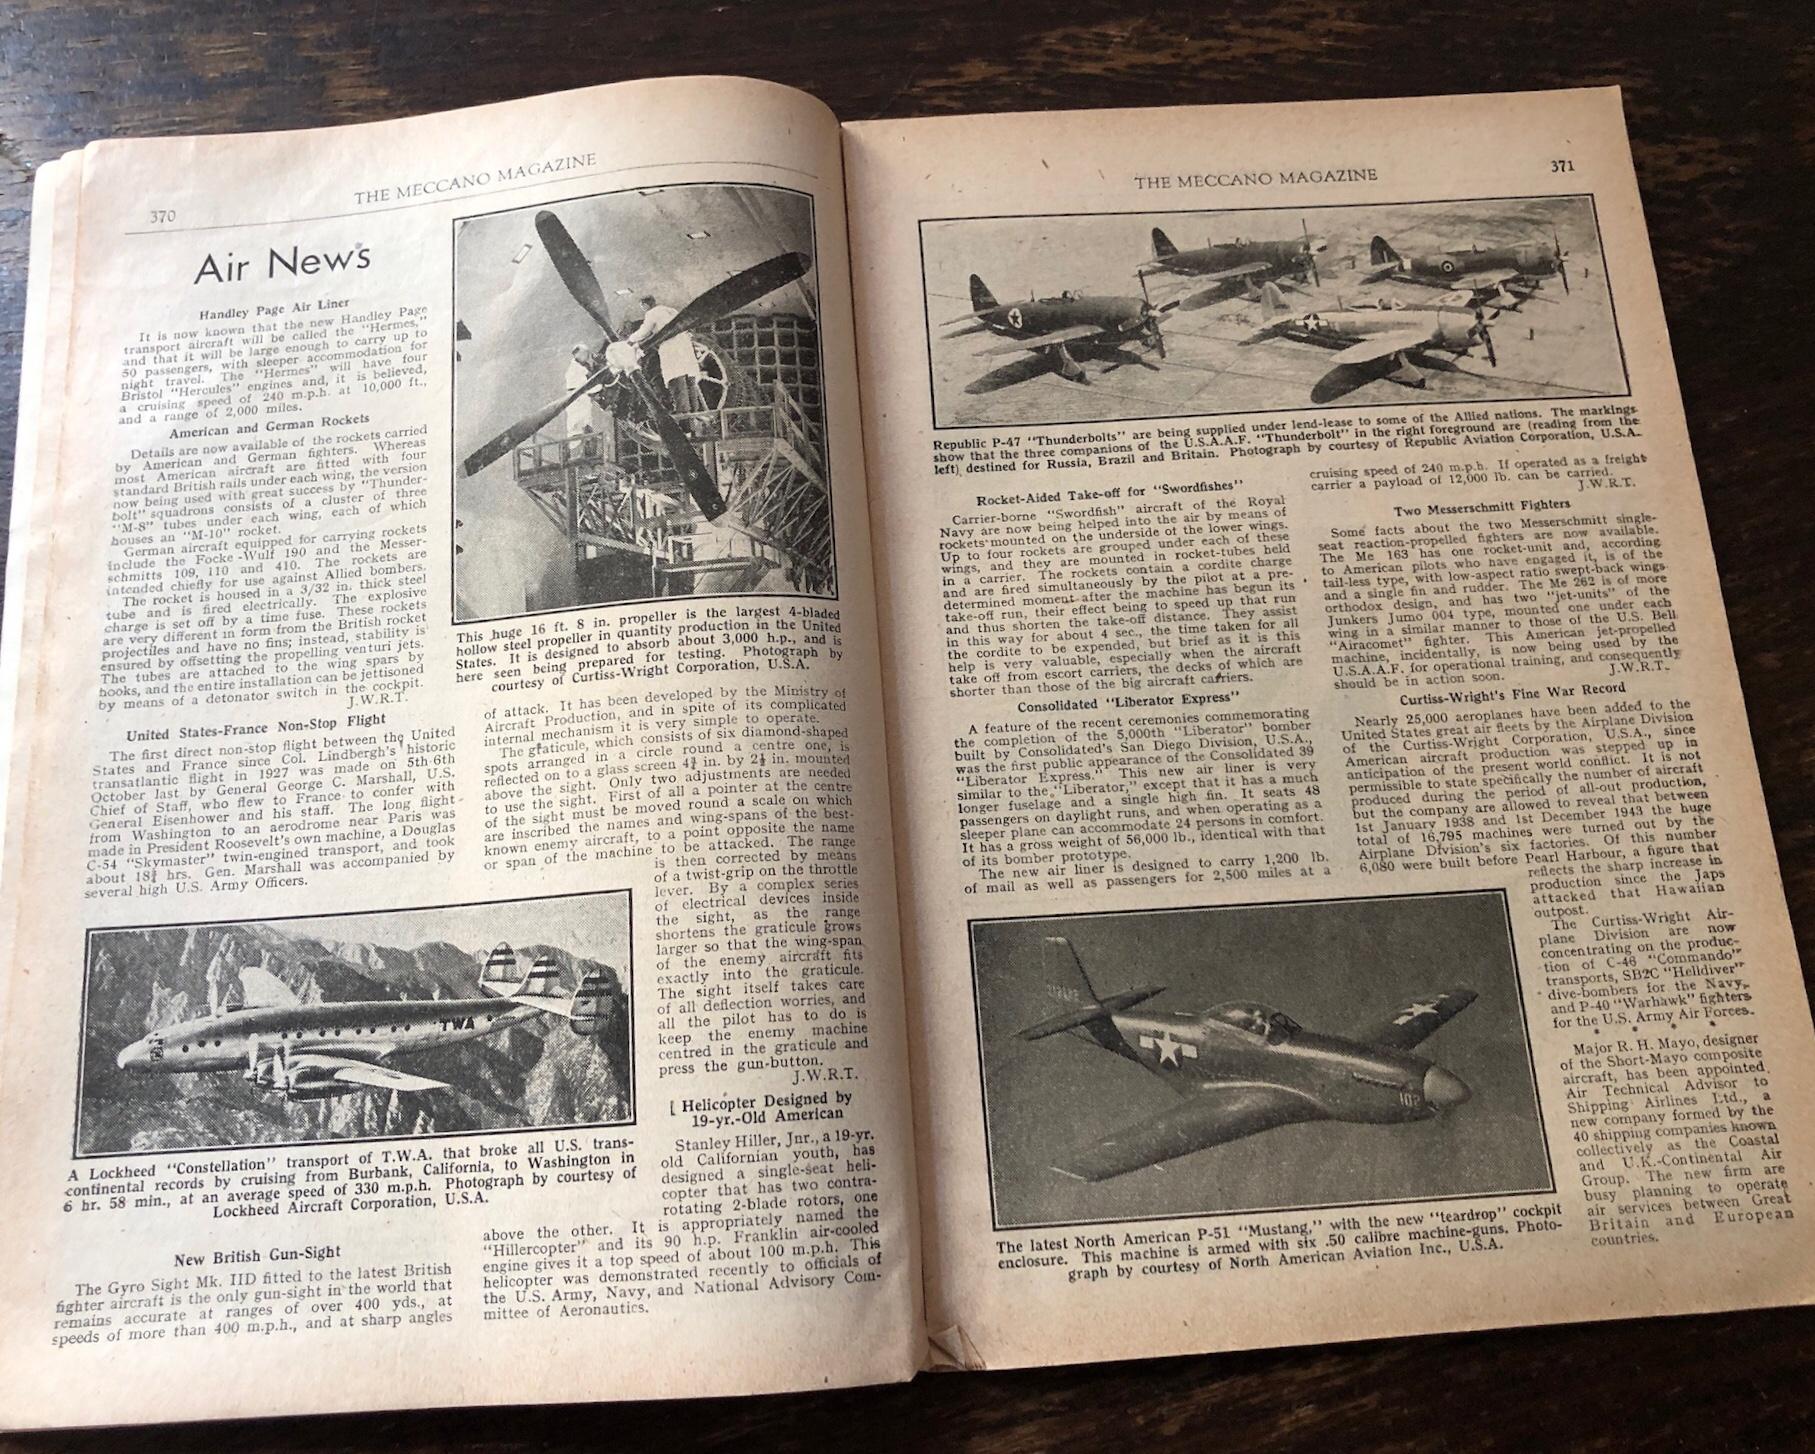 Meccano Magazine, November 1944 - Air News